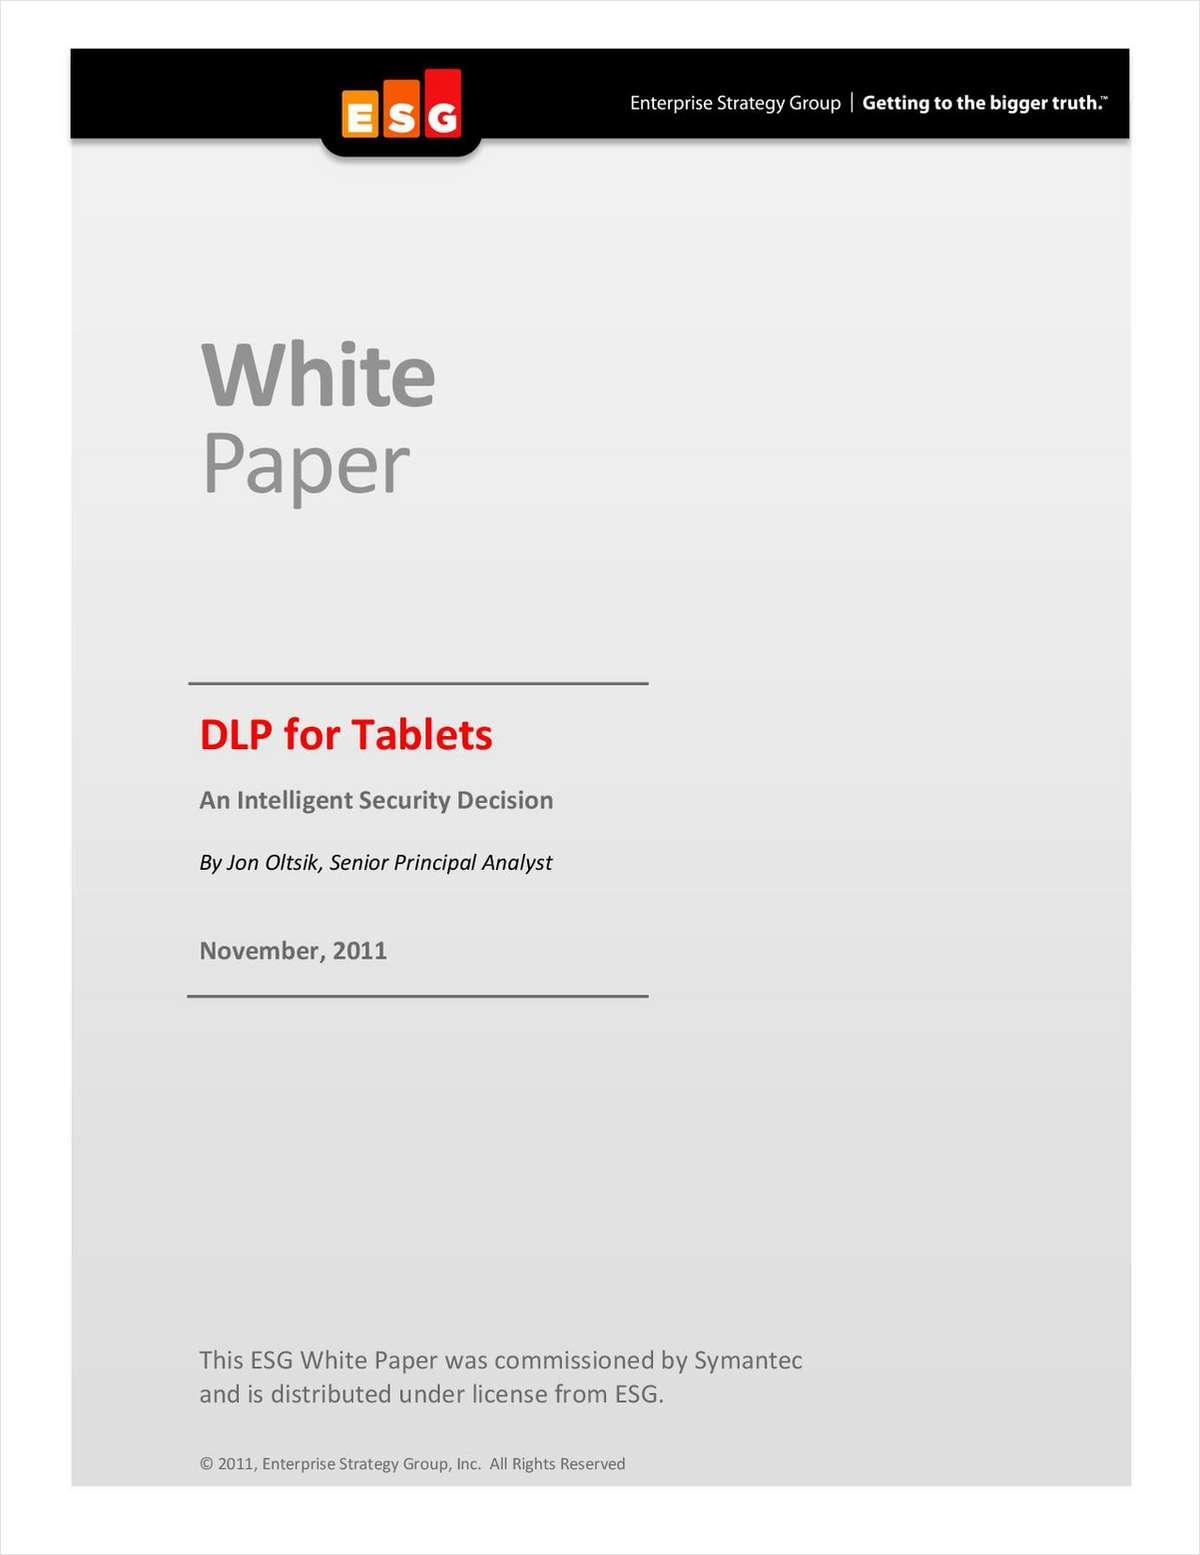 Symantec DLP for Tablets: An Intelligent Security Decision